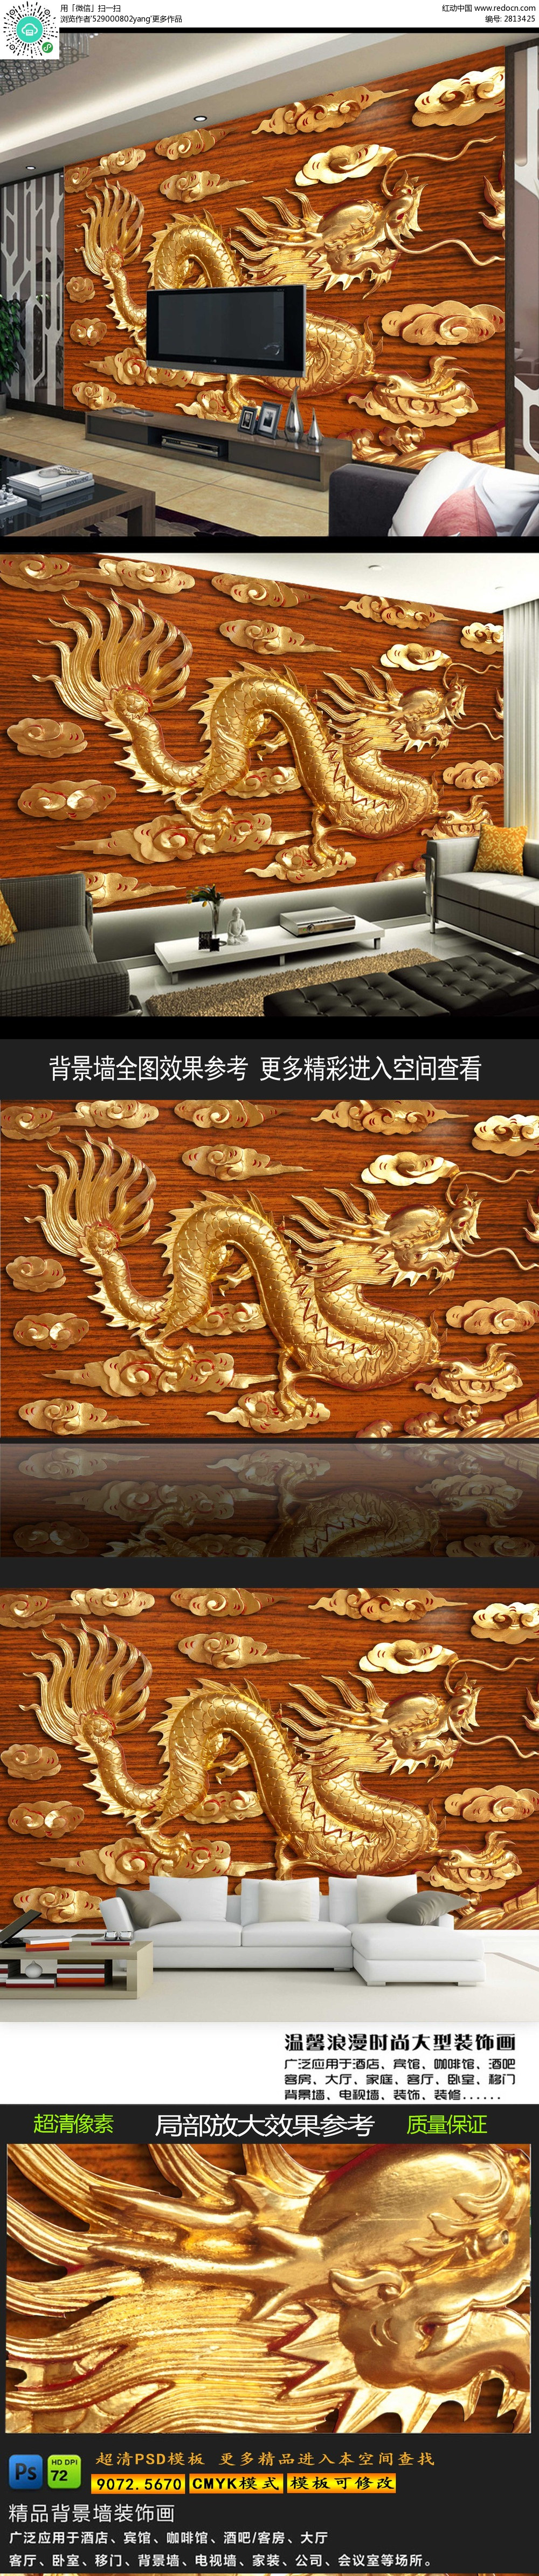 木板上的金龙电视背景墙图片